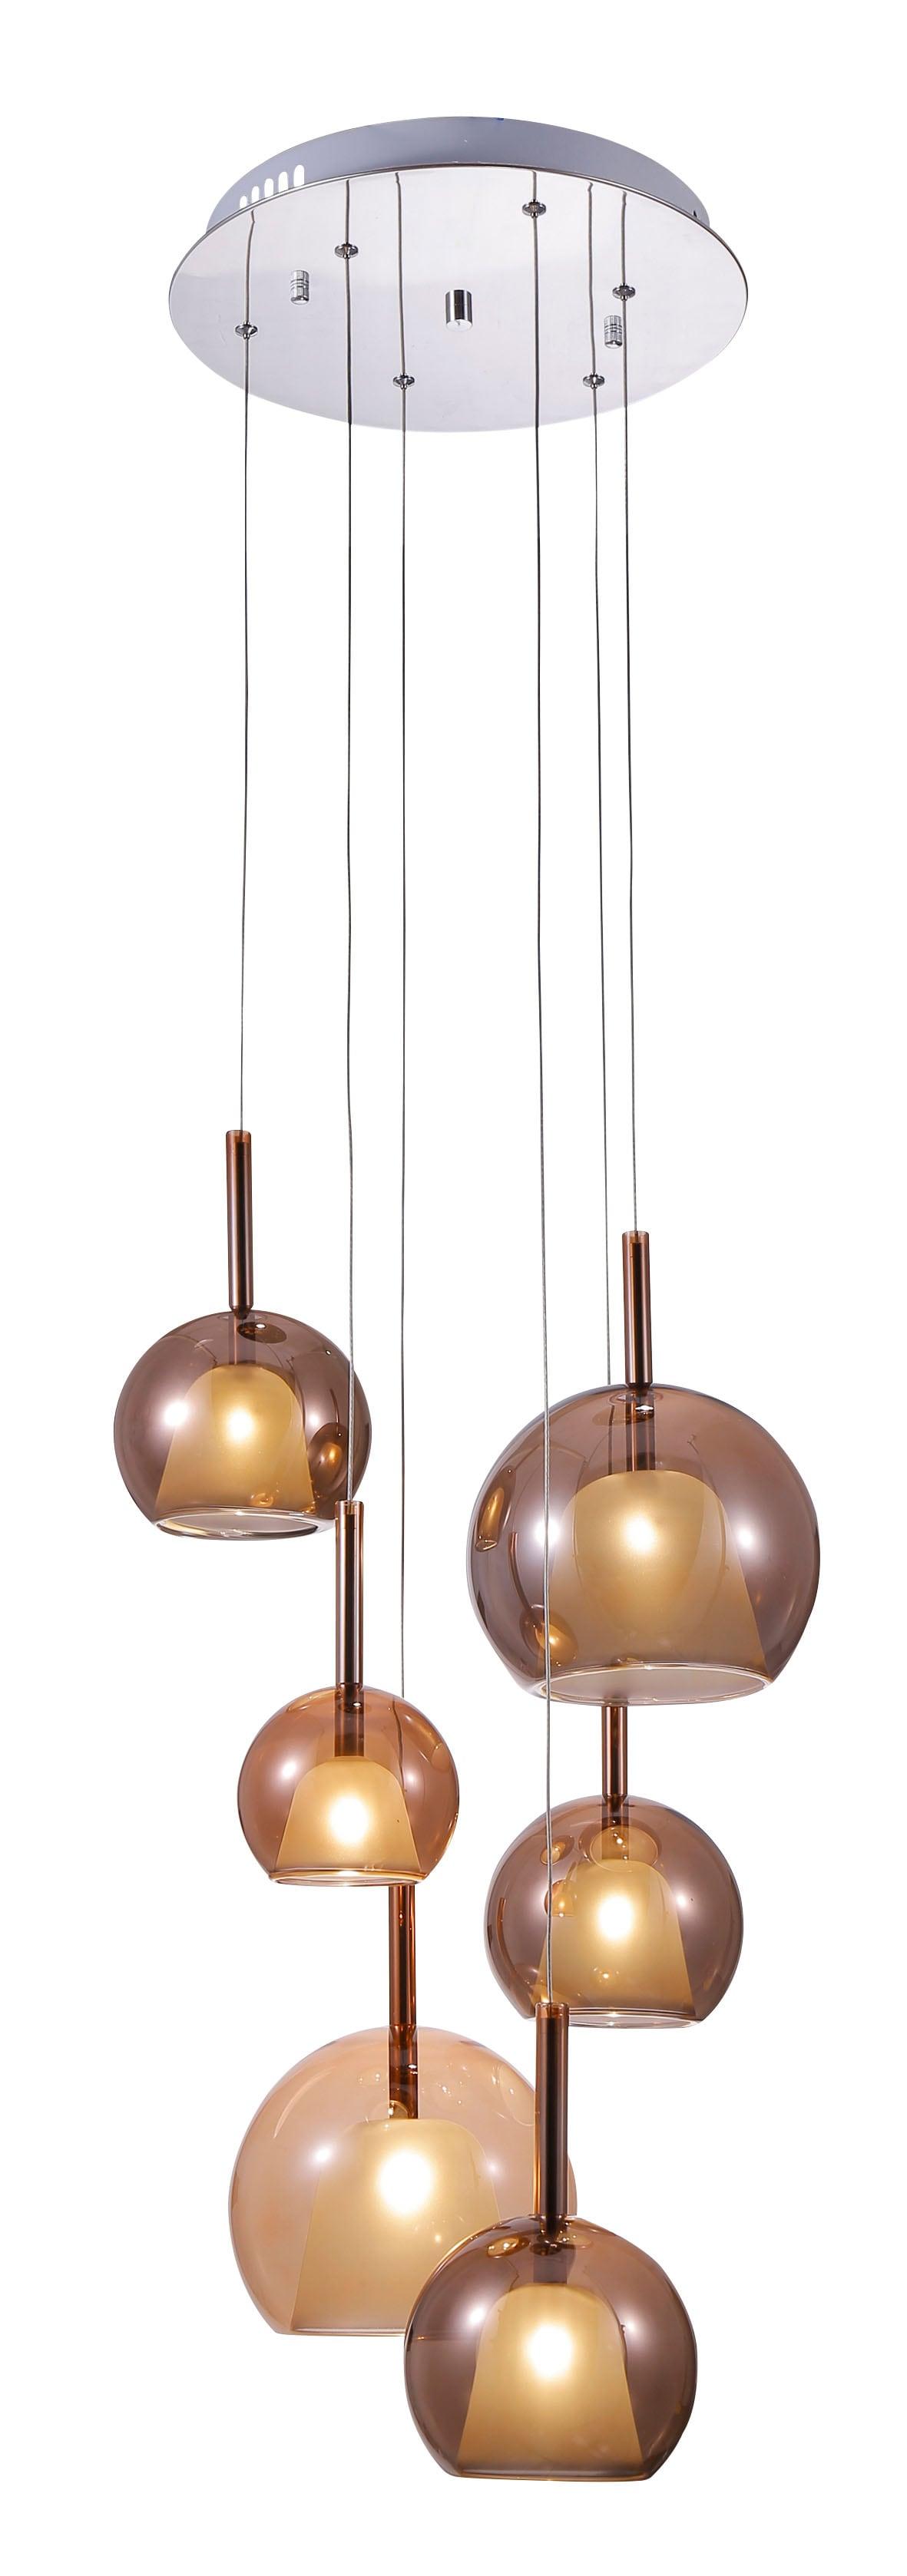 Šestibodová závěsná lampa Bellezia chrom / měď G4 20W